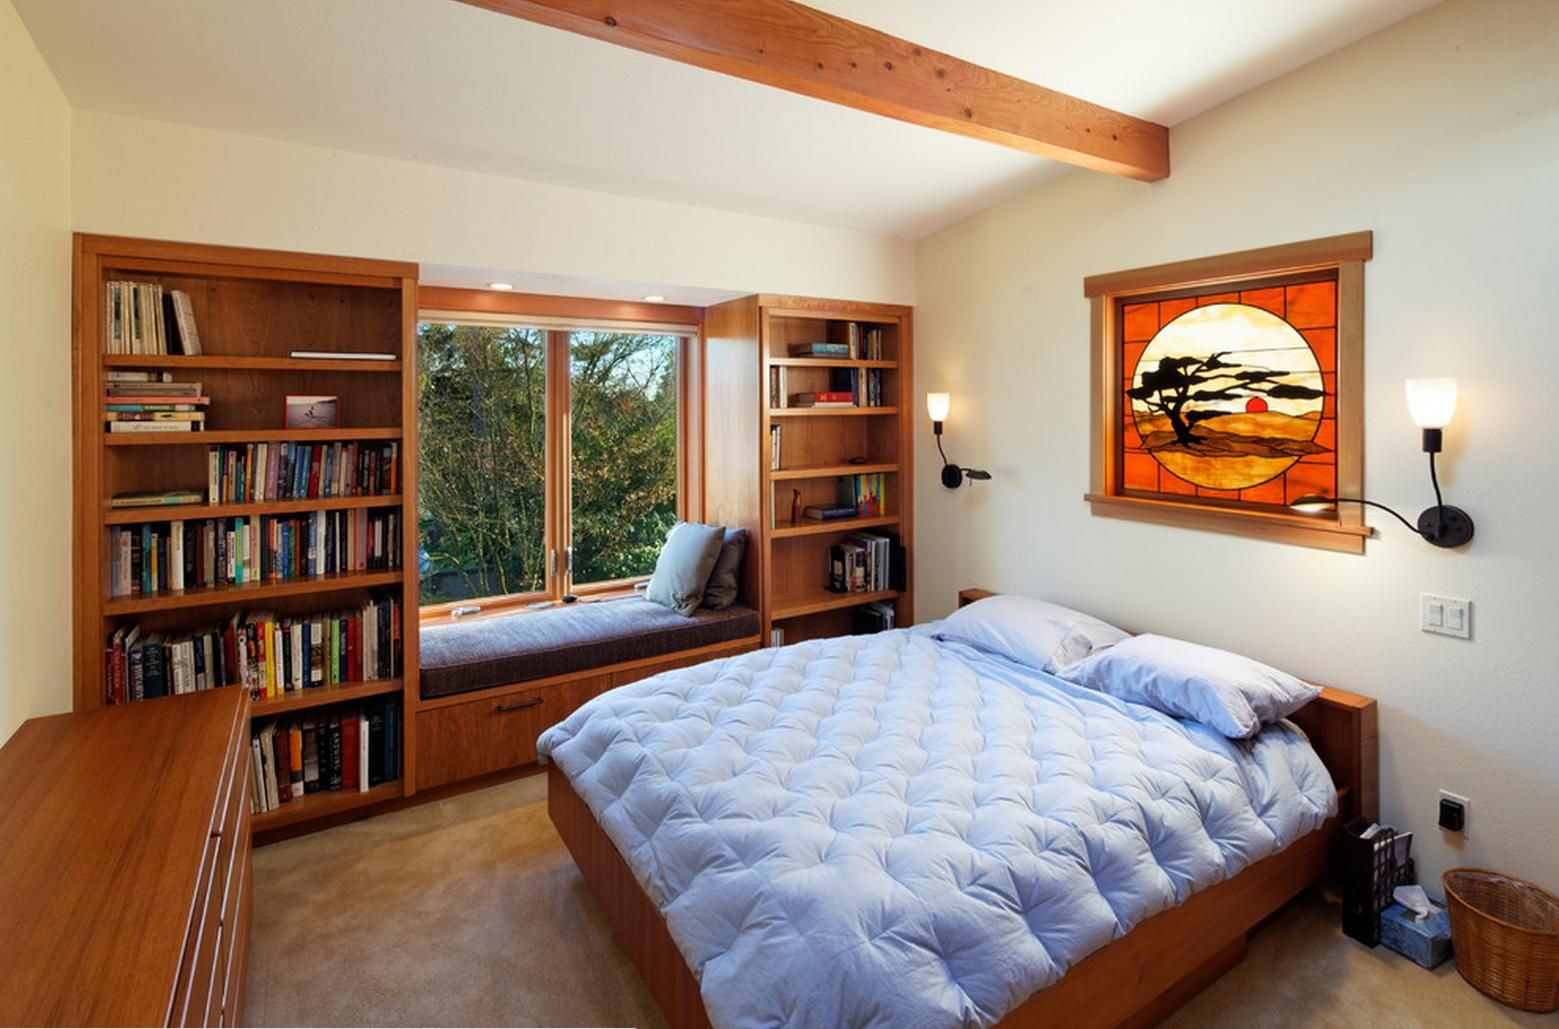 коленного спальня с книжным шкафом фото косой